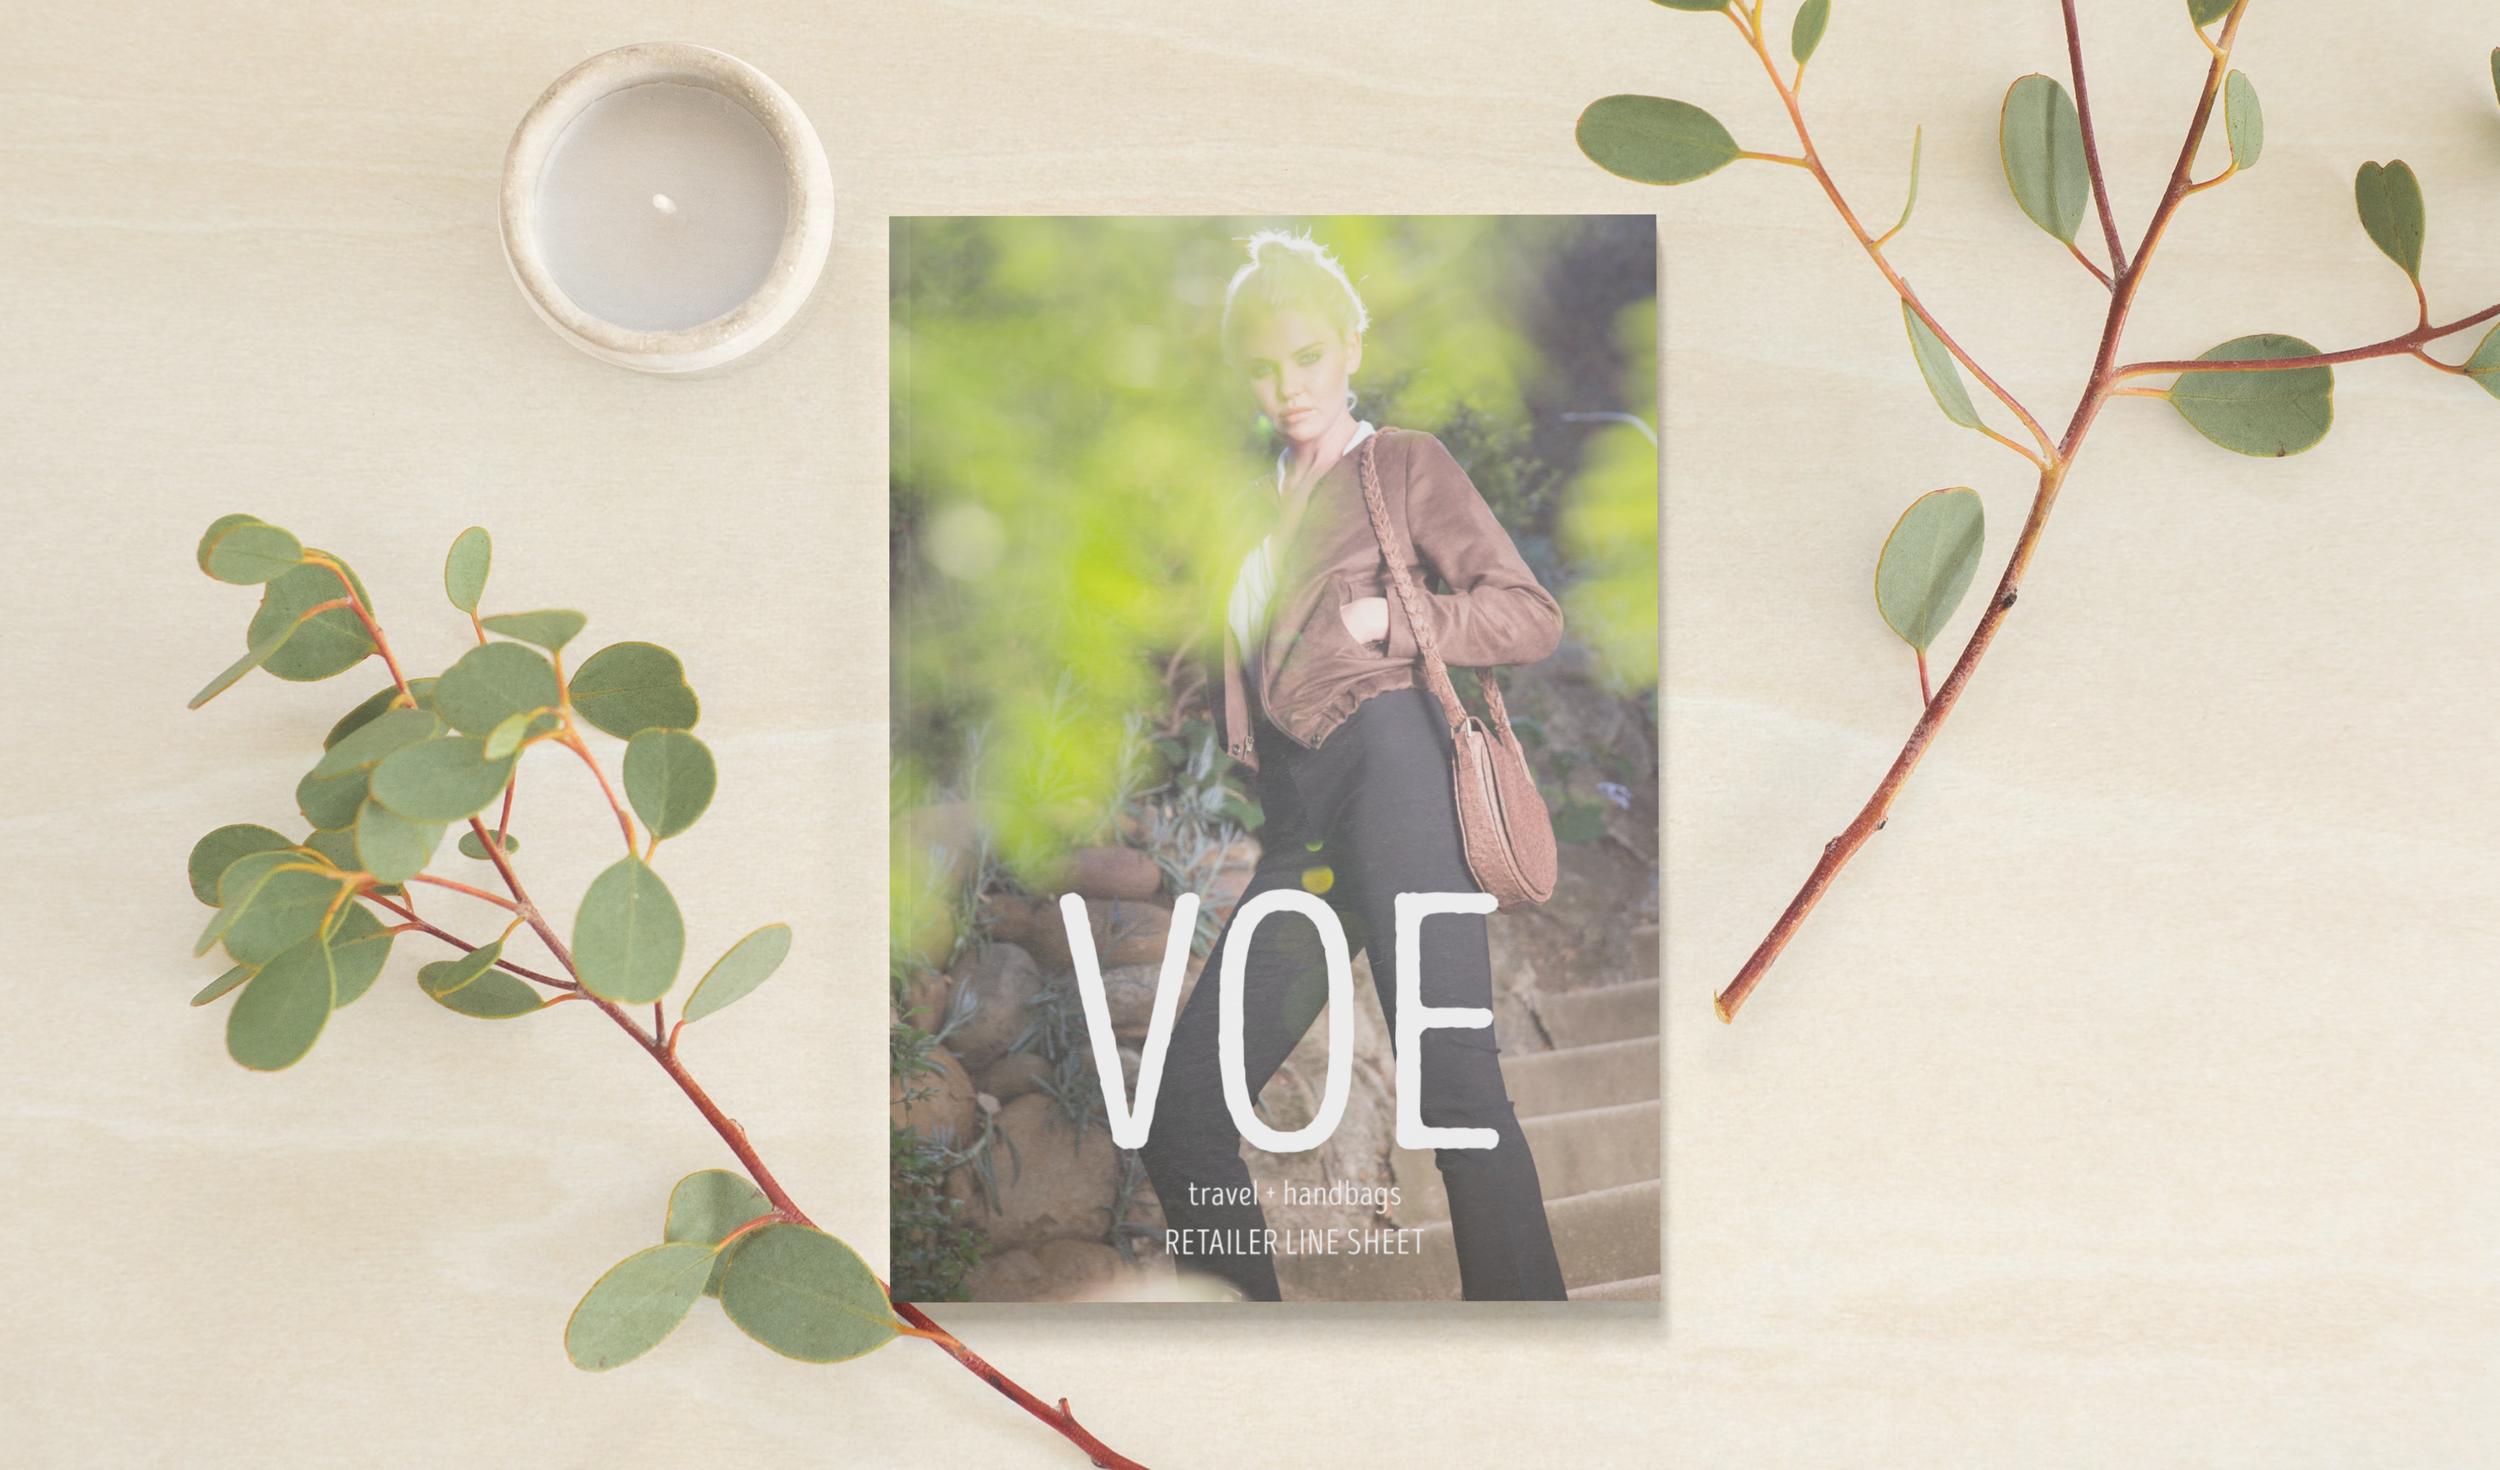 Voe Cover Line Sheet - Courtney Oliver Freelance Design